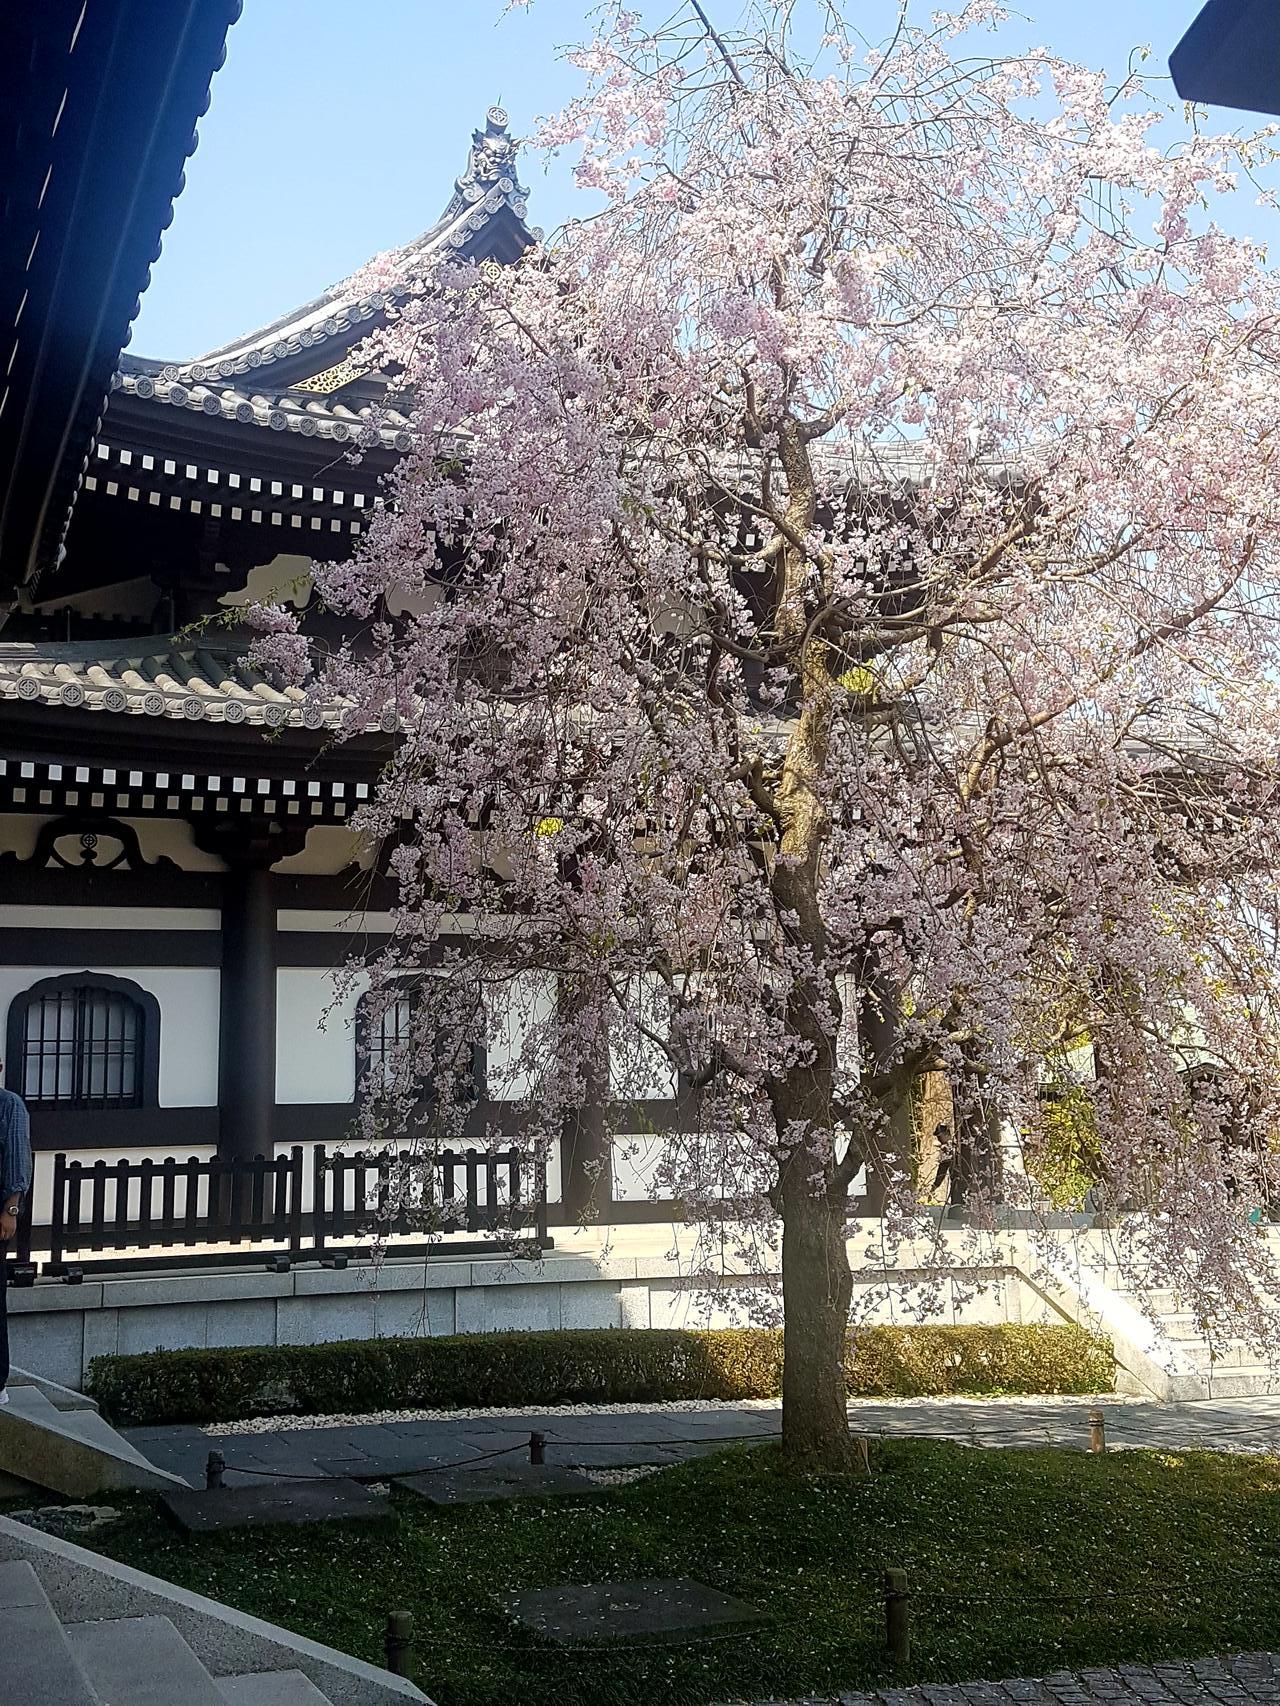 Kamakura wisnie